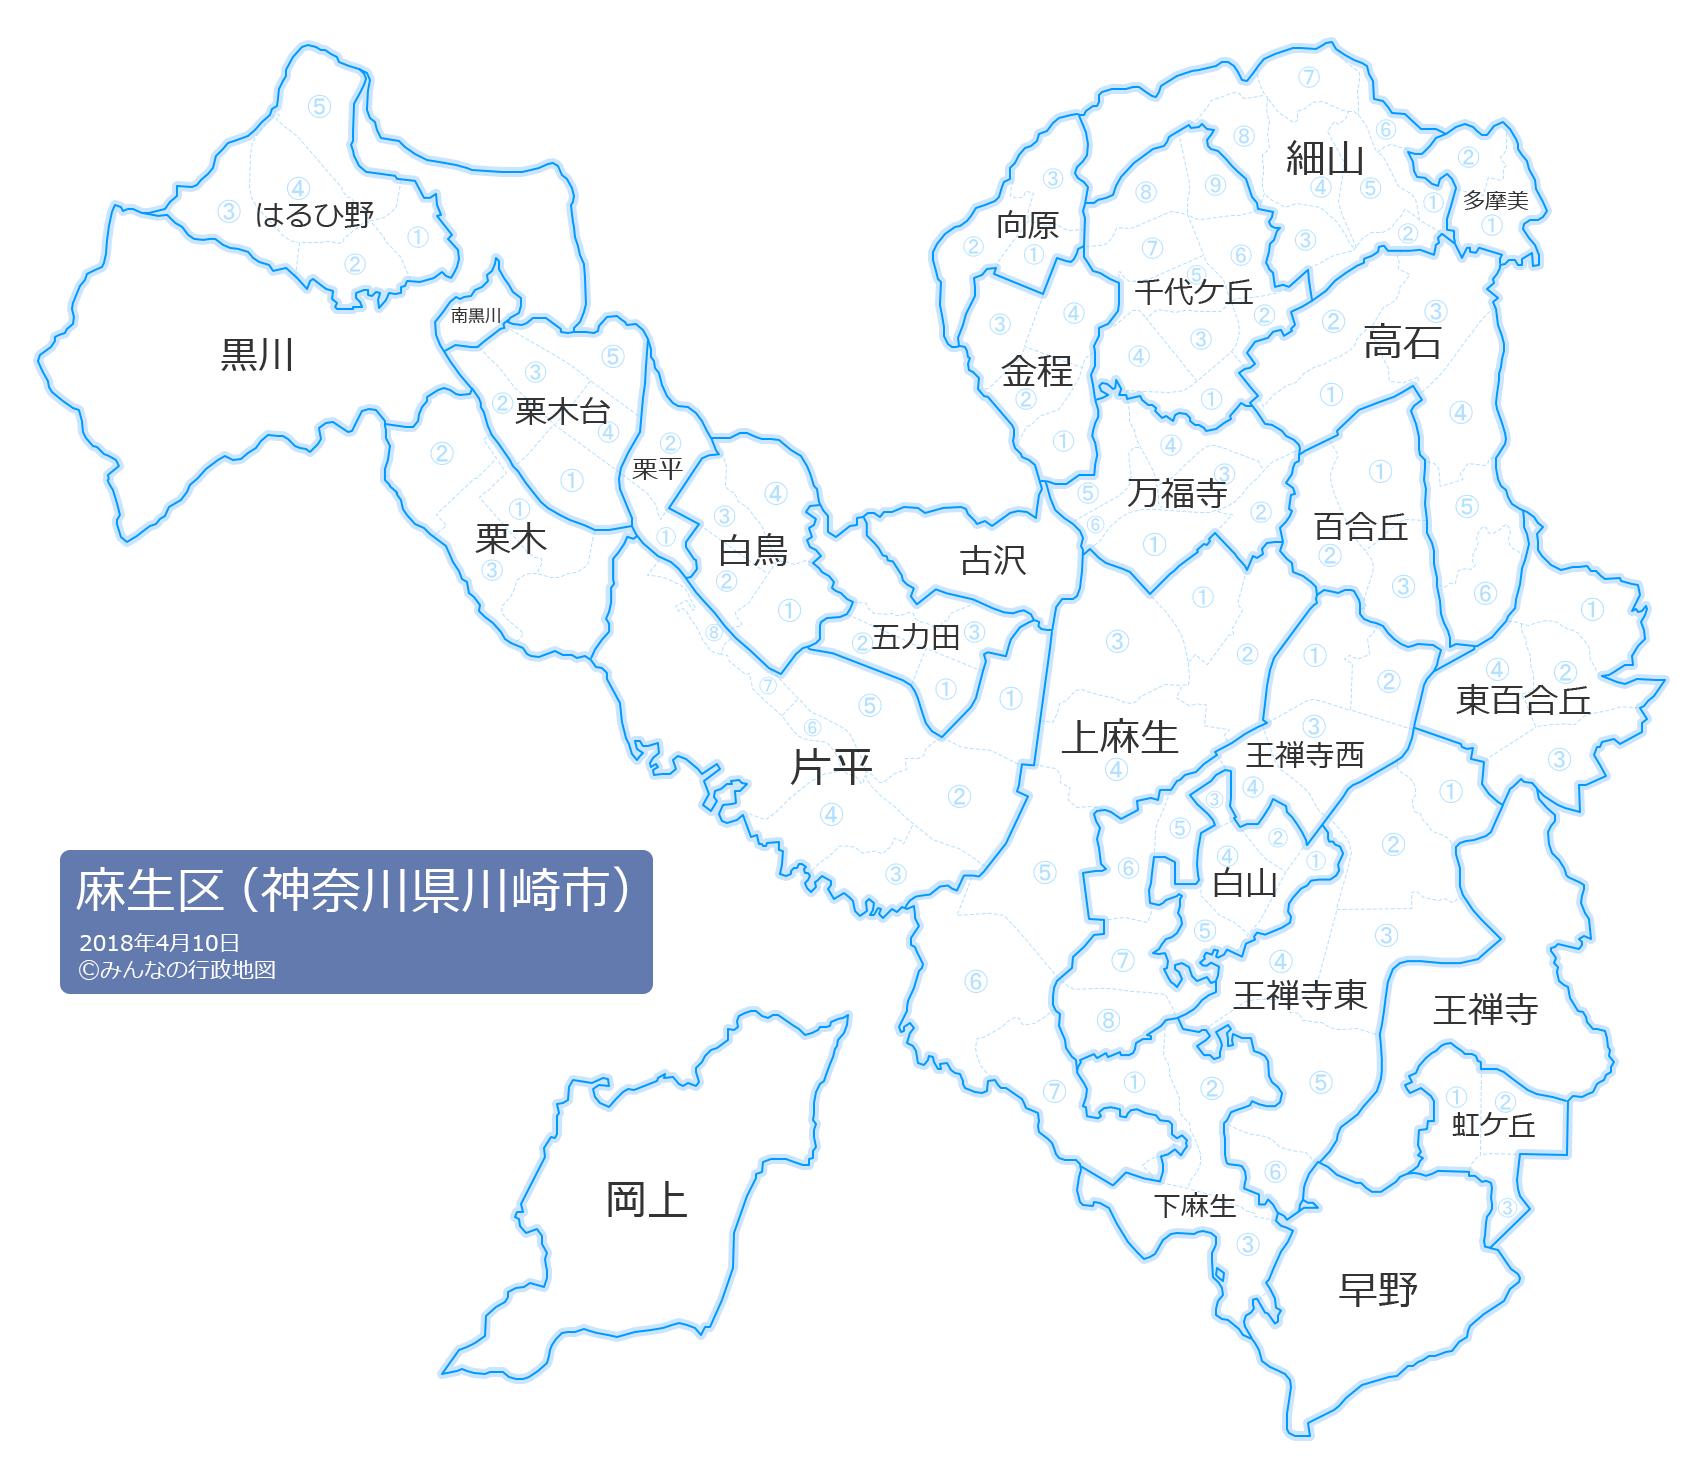 麻生 川崎 区 市